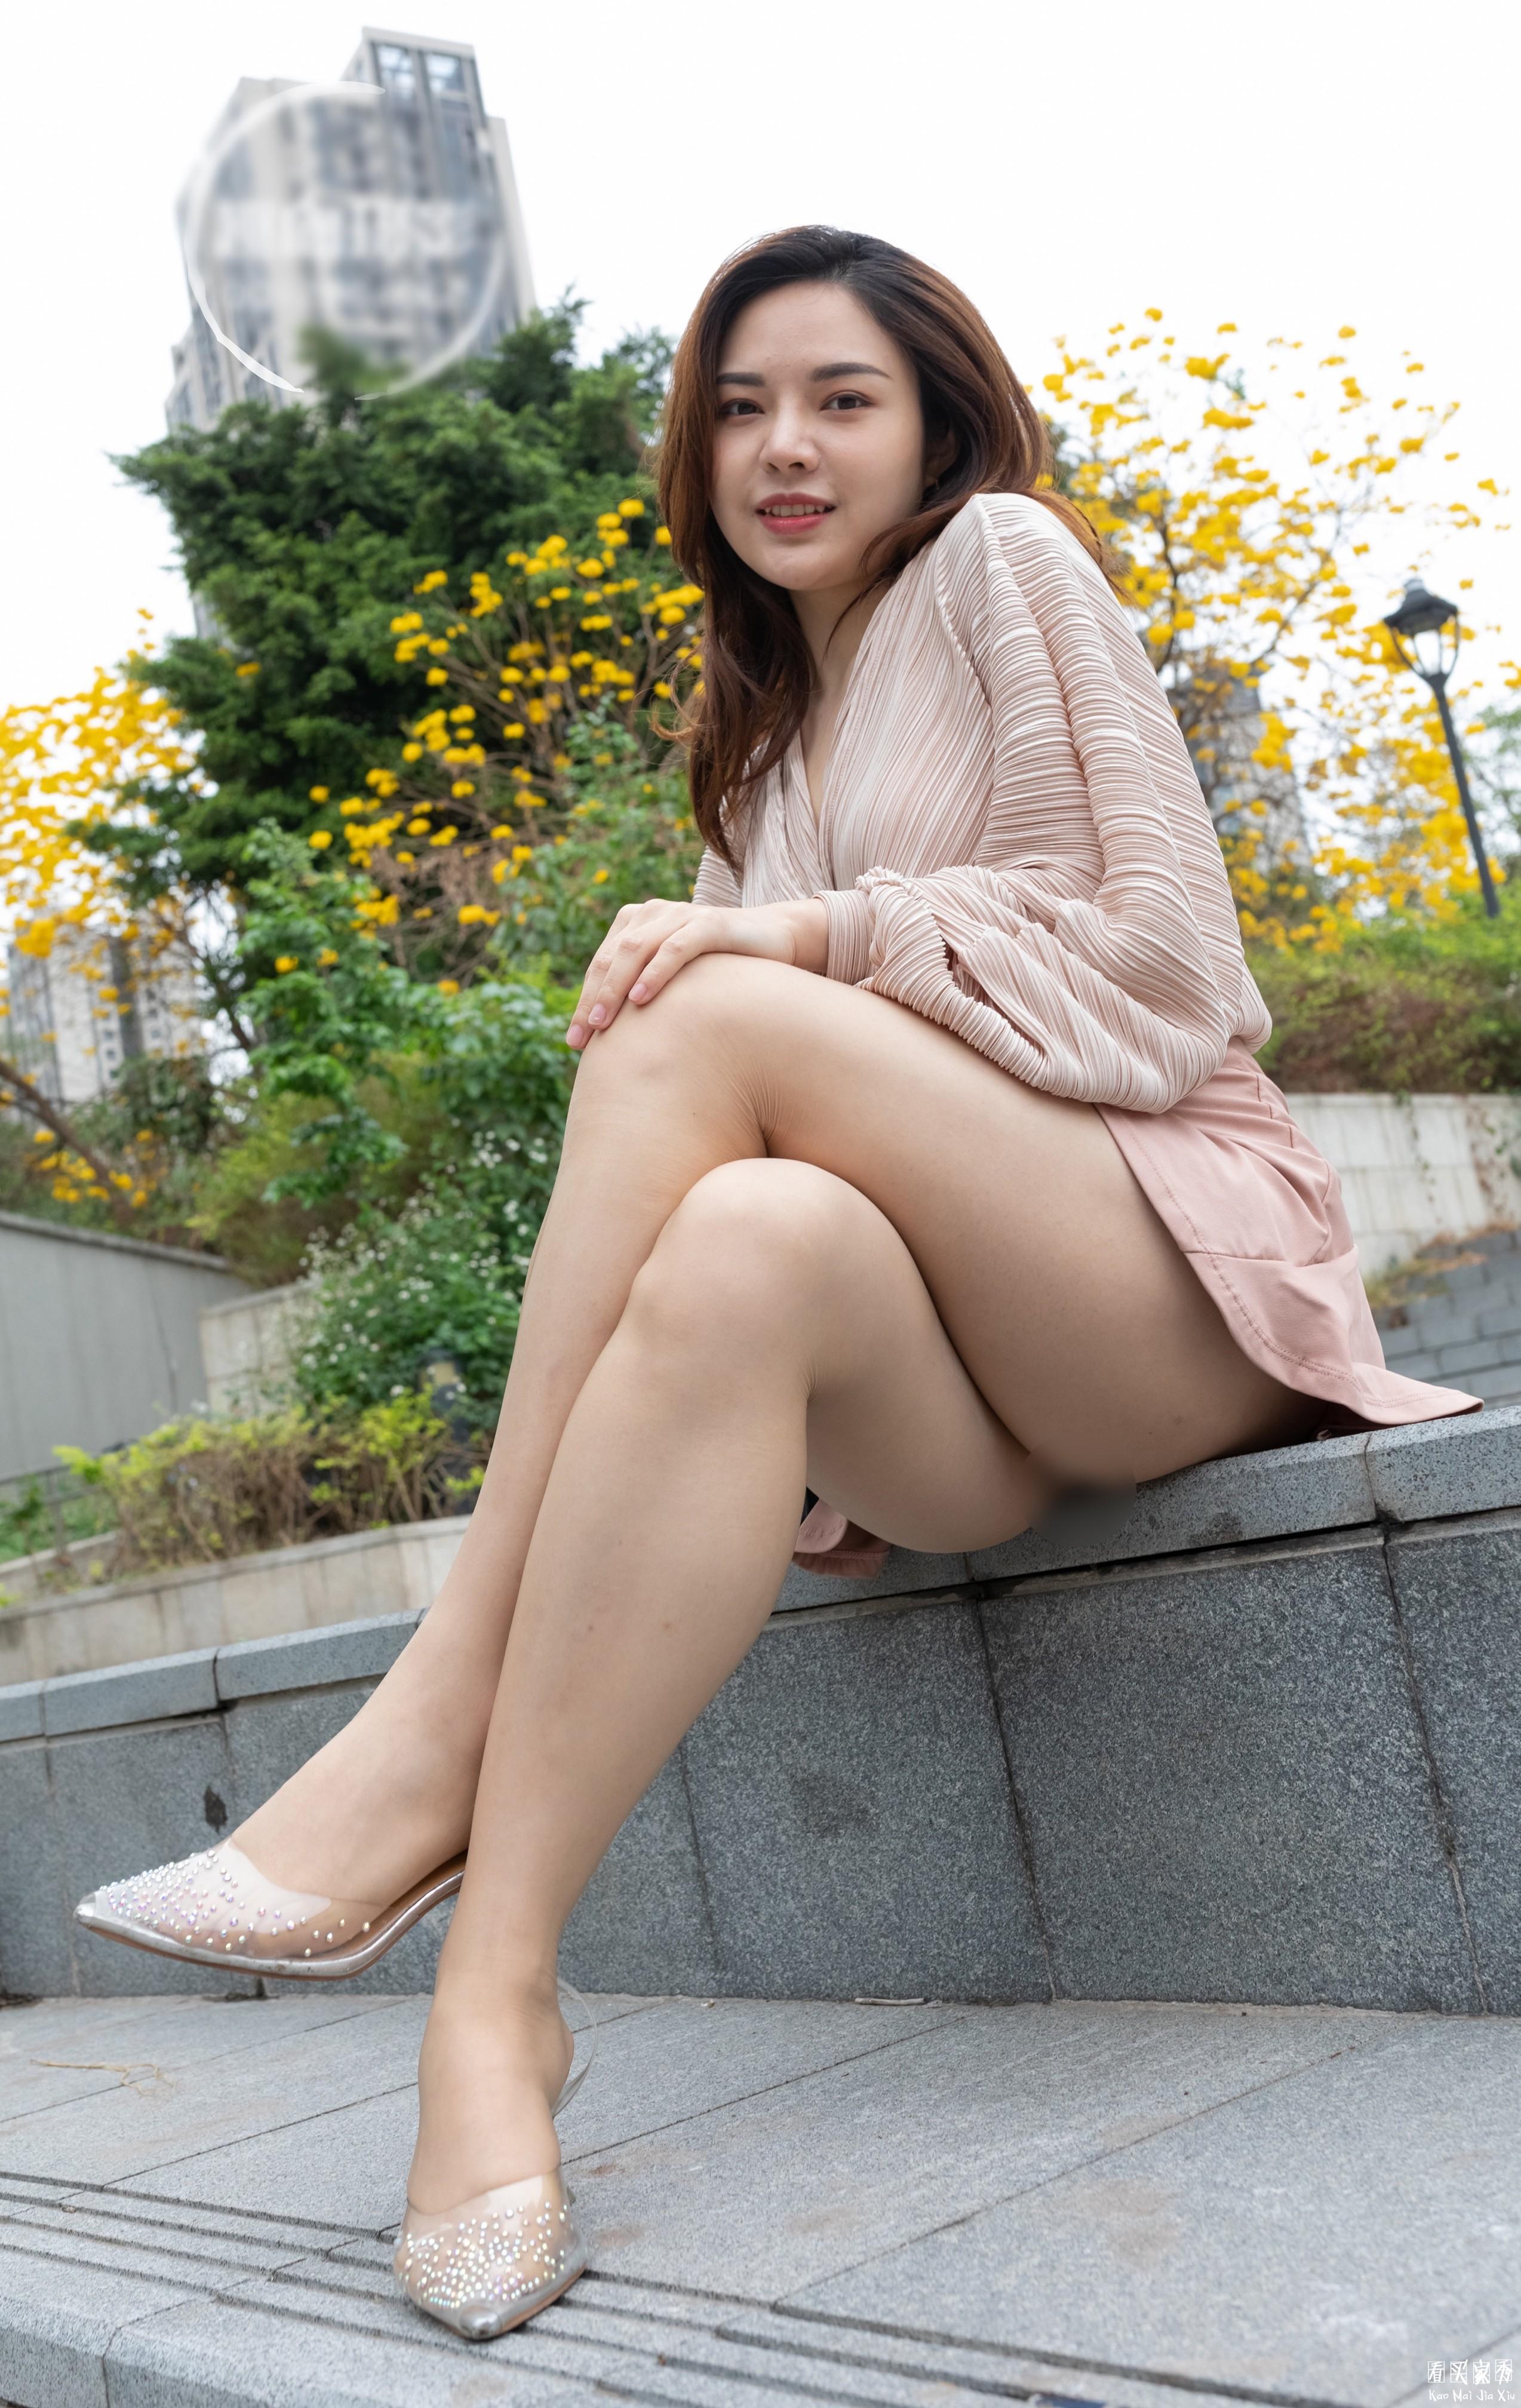 [街拍美女]街拍超短裙露臀美女